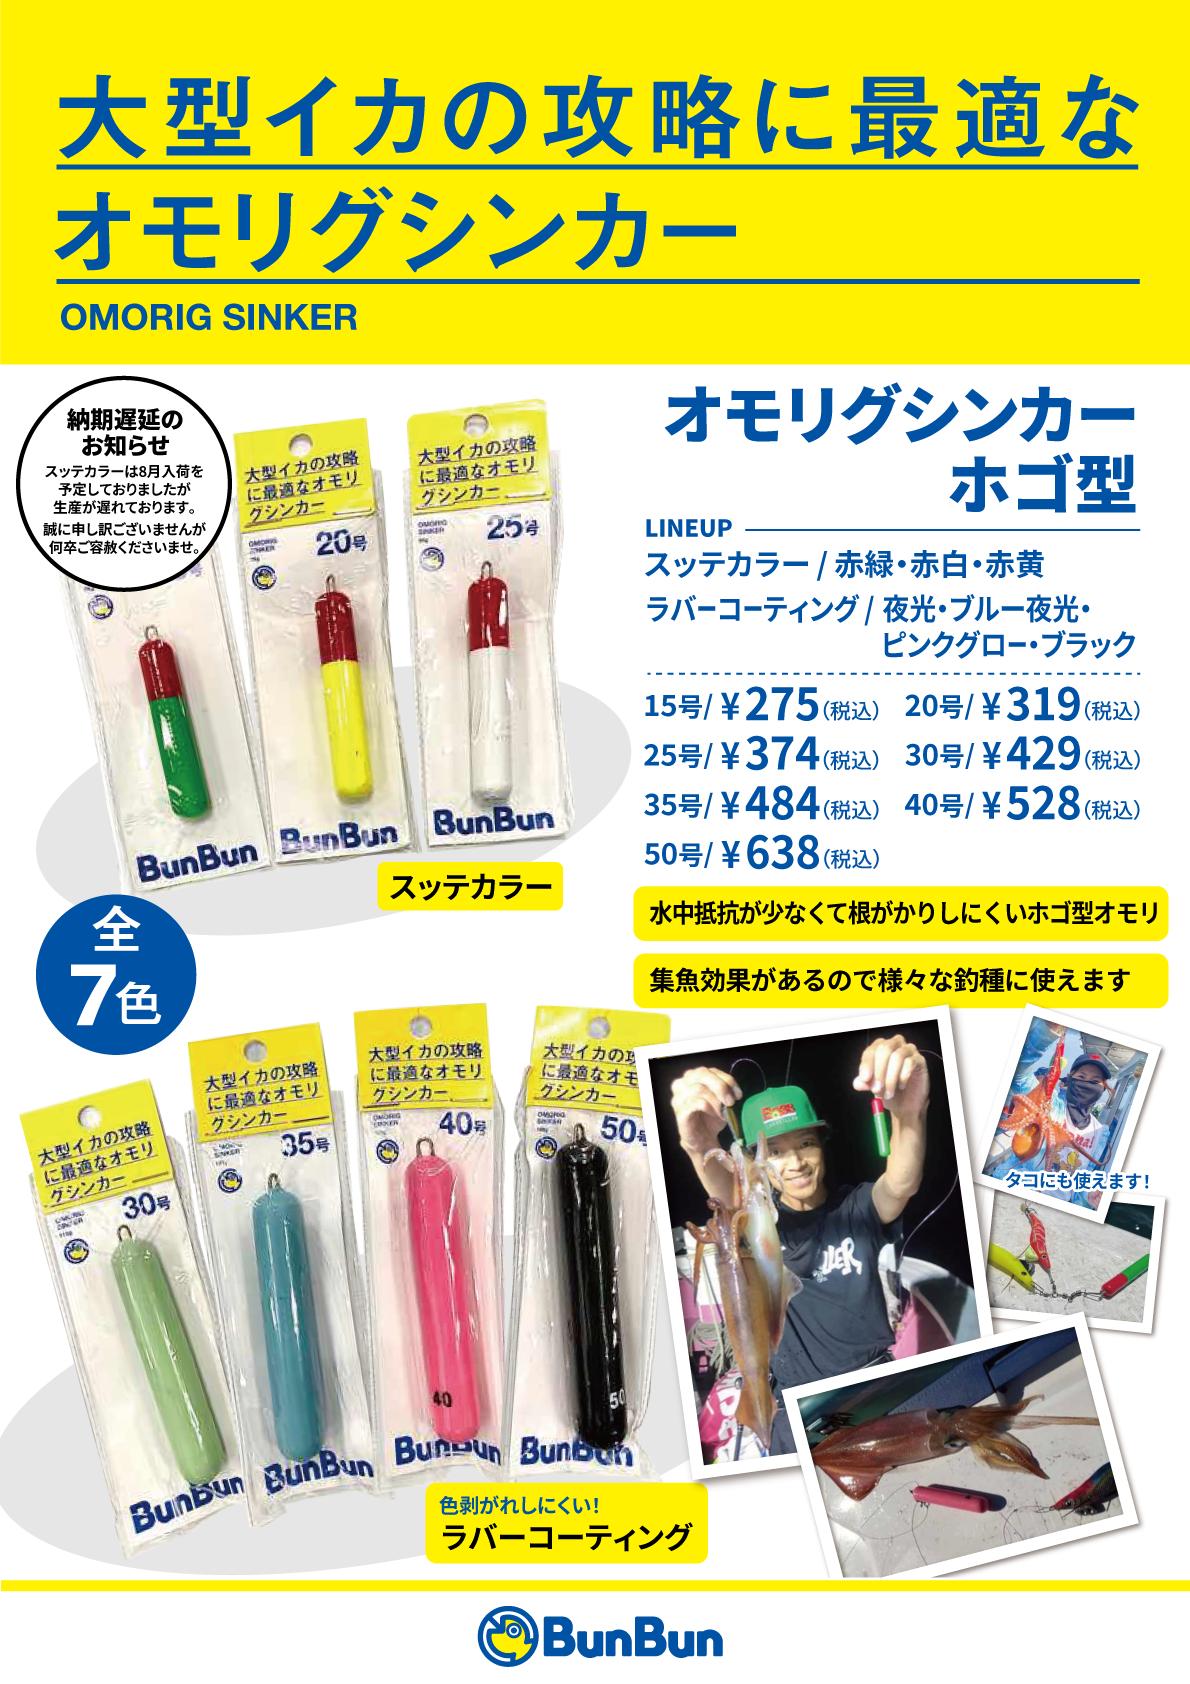 3】オモリグ-シンカーホゴ型.png